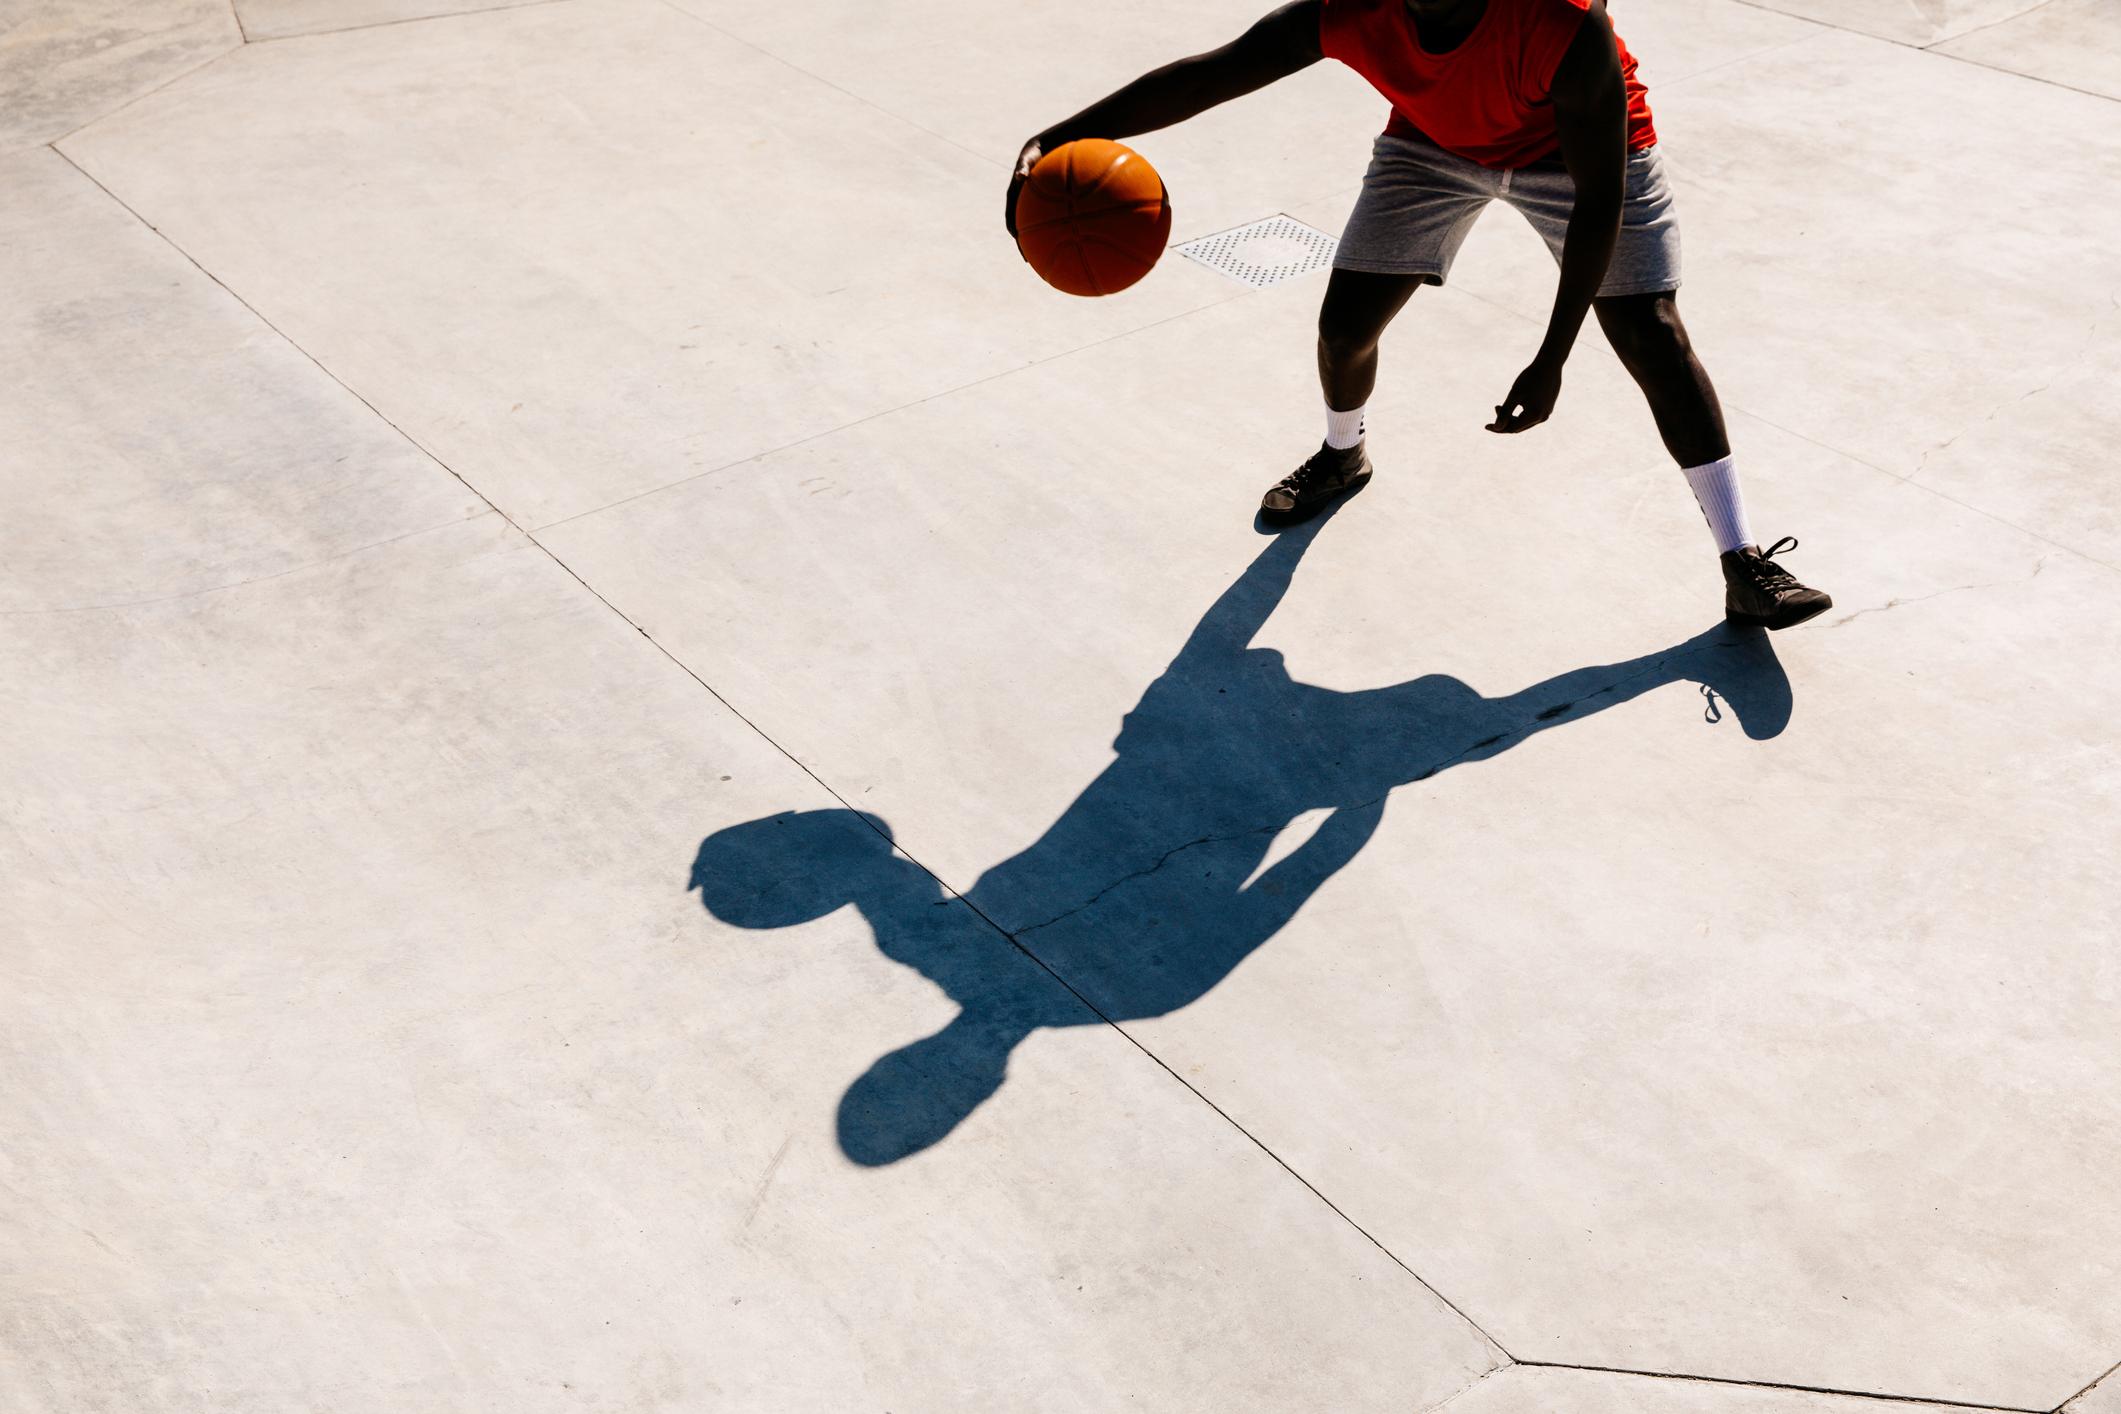 Un tânăr care încerca să imite mișcările cunoscutului baschetbalist Kobe Bryant a căzut de pe o balustradă. VIDEO tulburător